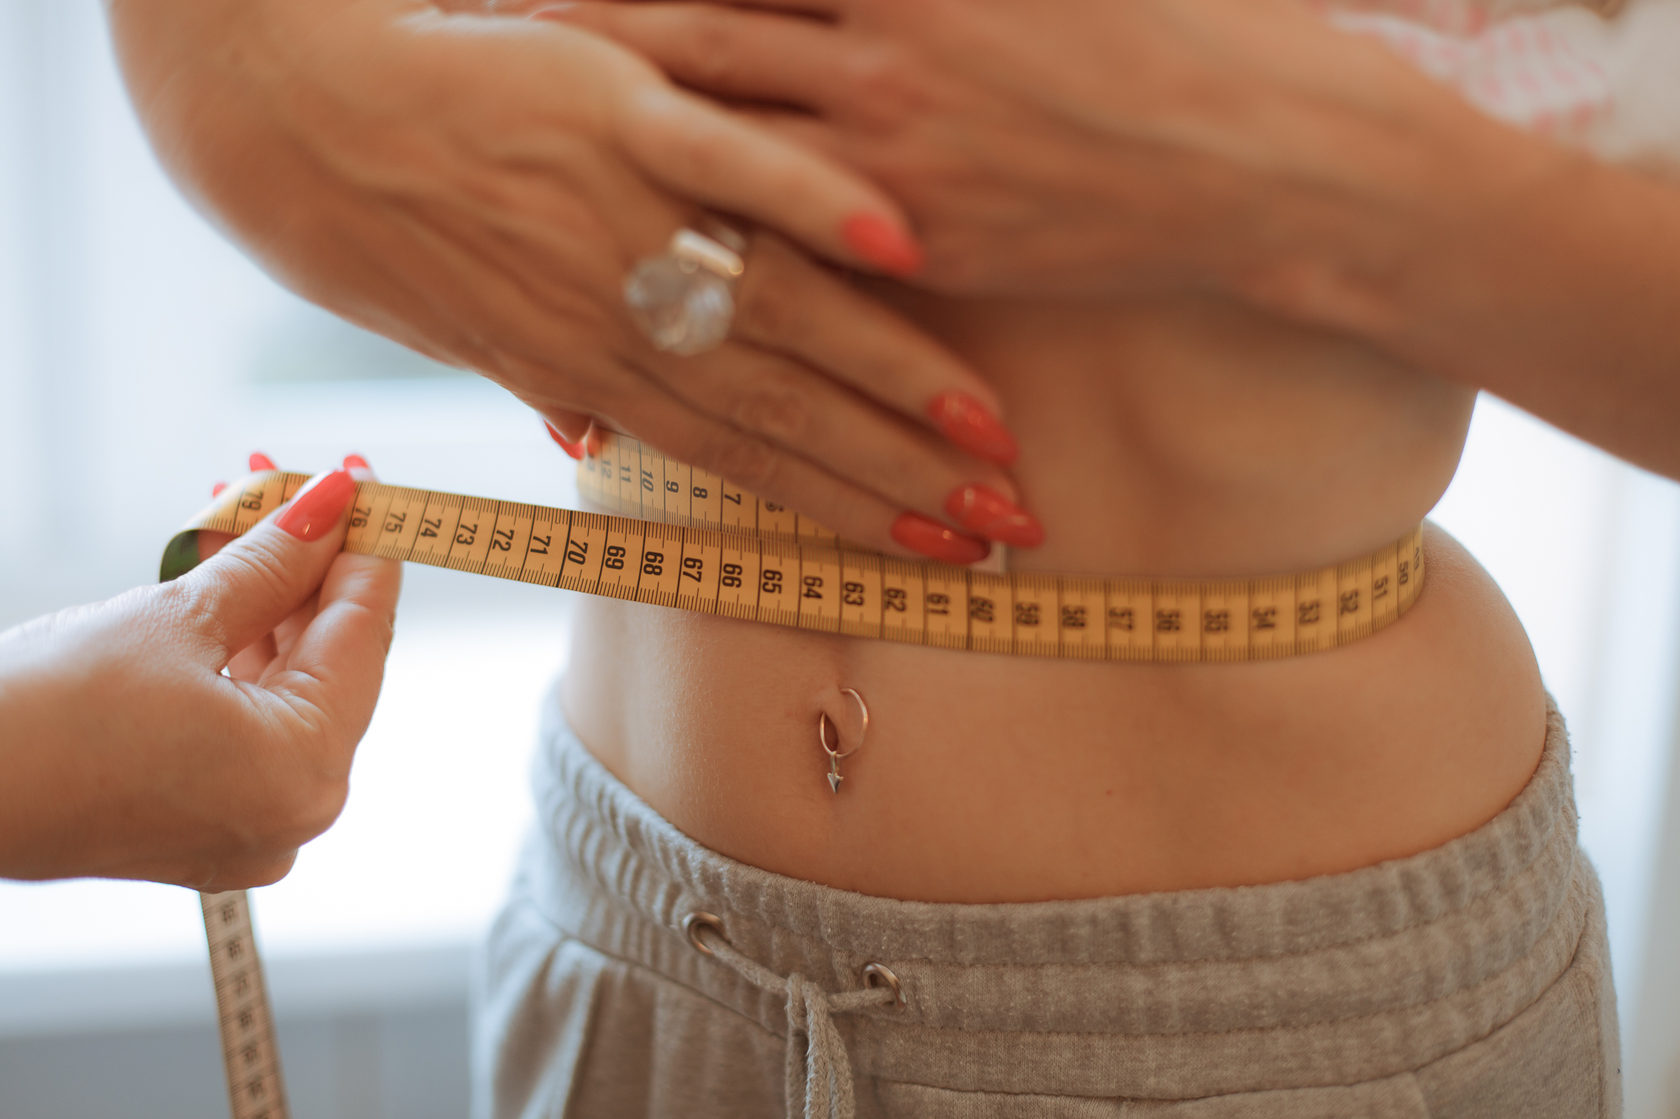 Срочное Похудение Без Диет. 30 способов, как похудеть естественным способом без диеты и убрать живот без упражнений в домашних условиях